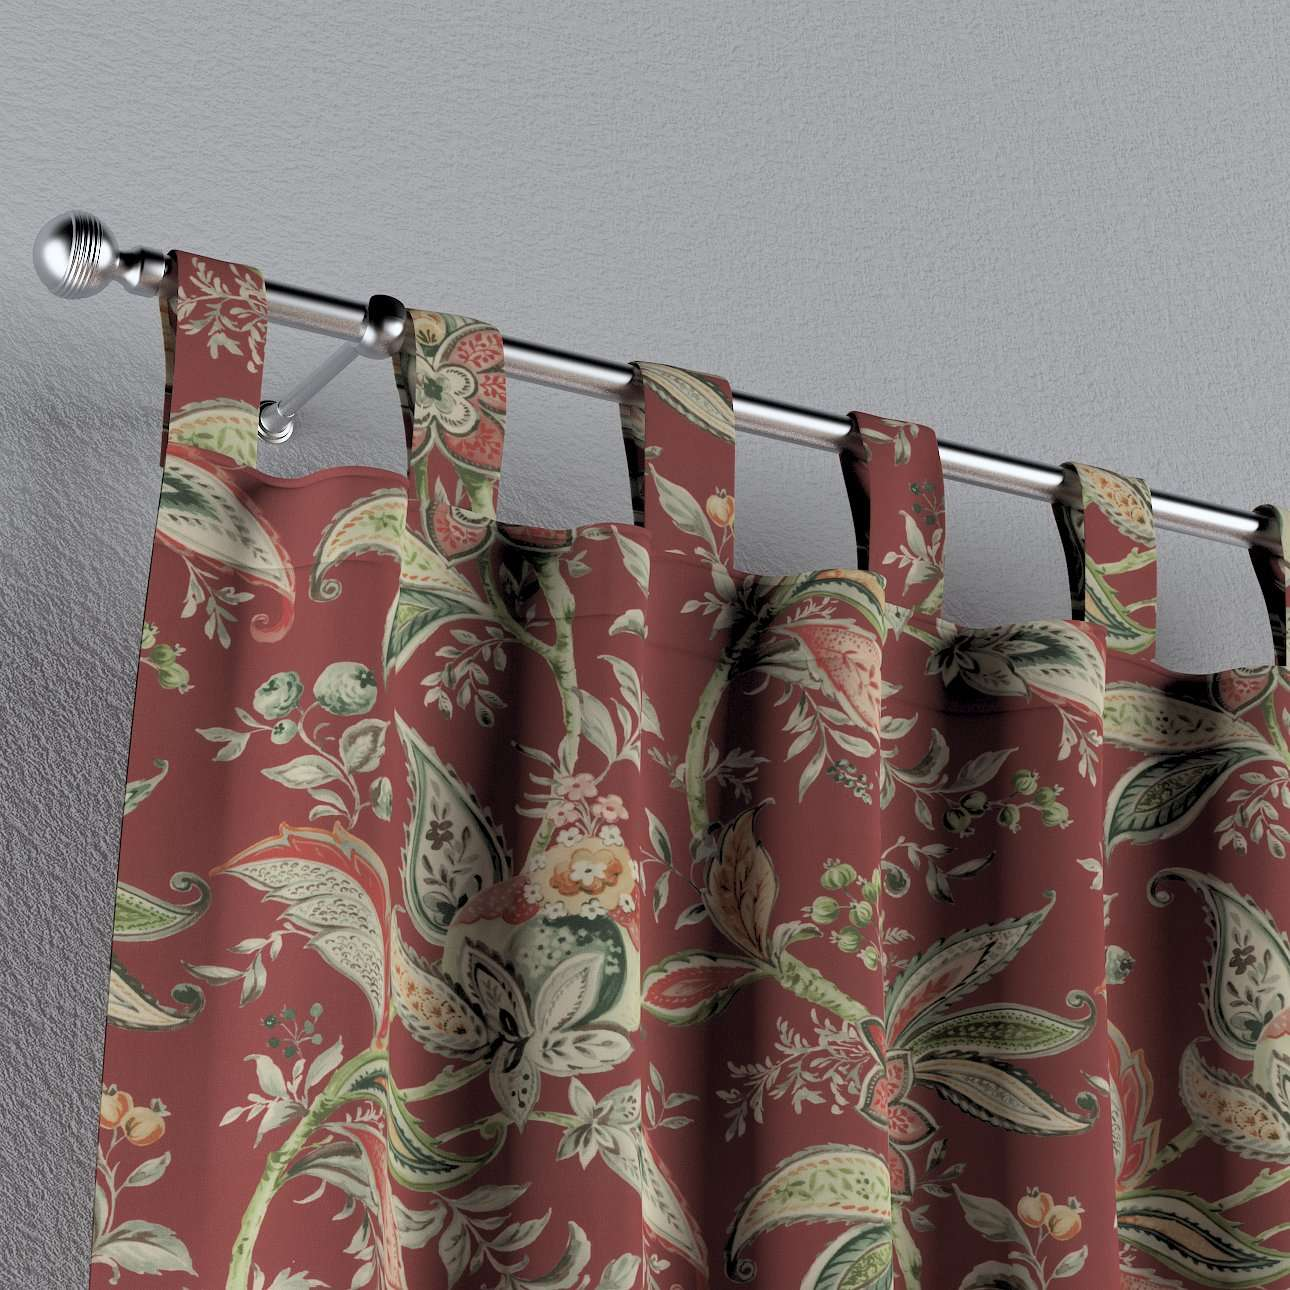 Závěs na poutka v kolekci Gardenia, látka: 142-12